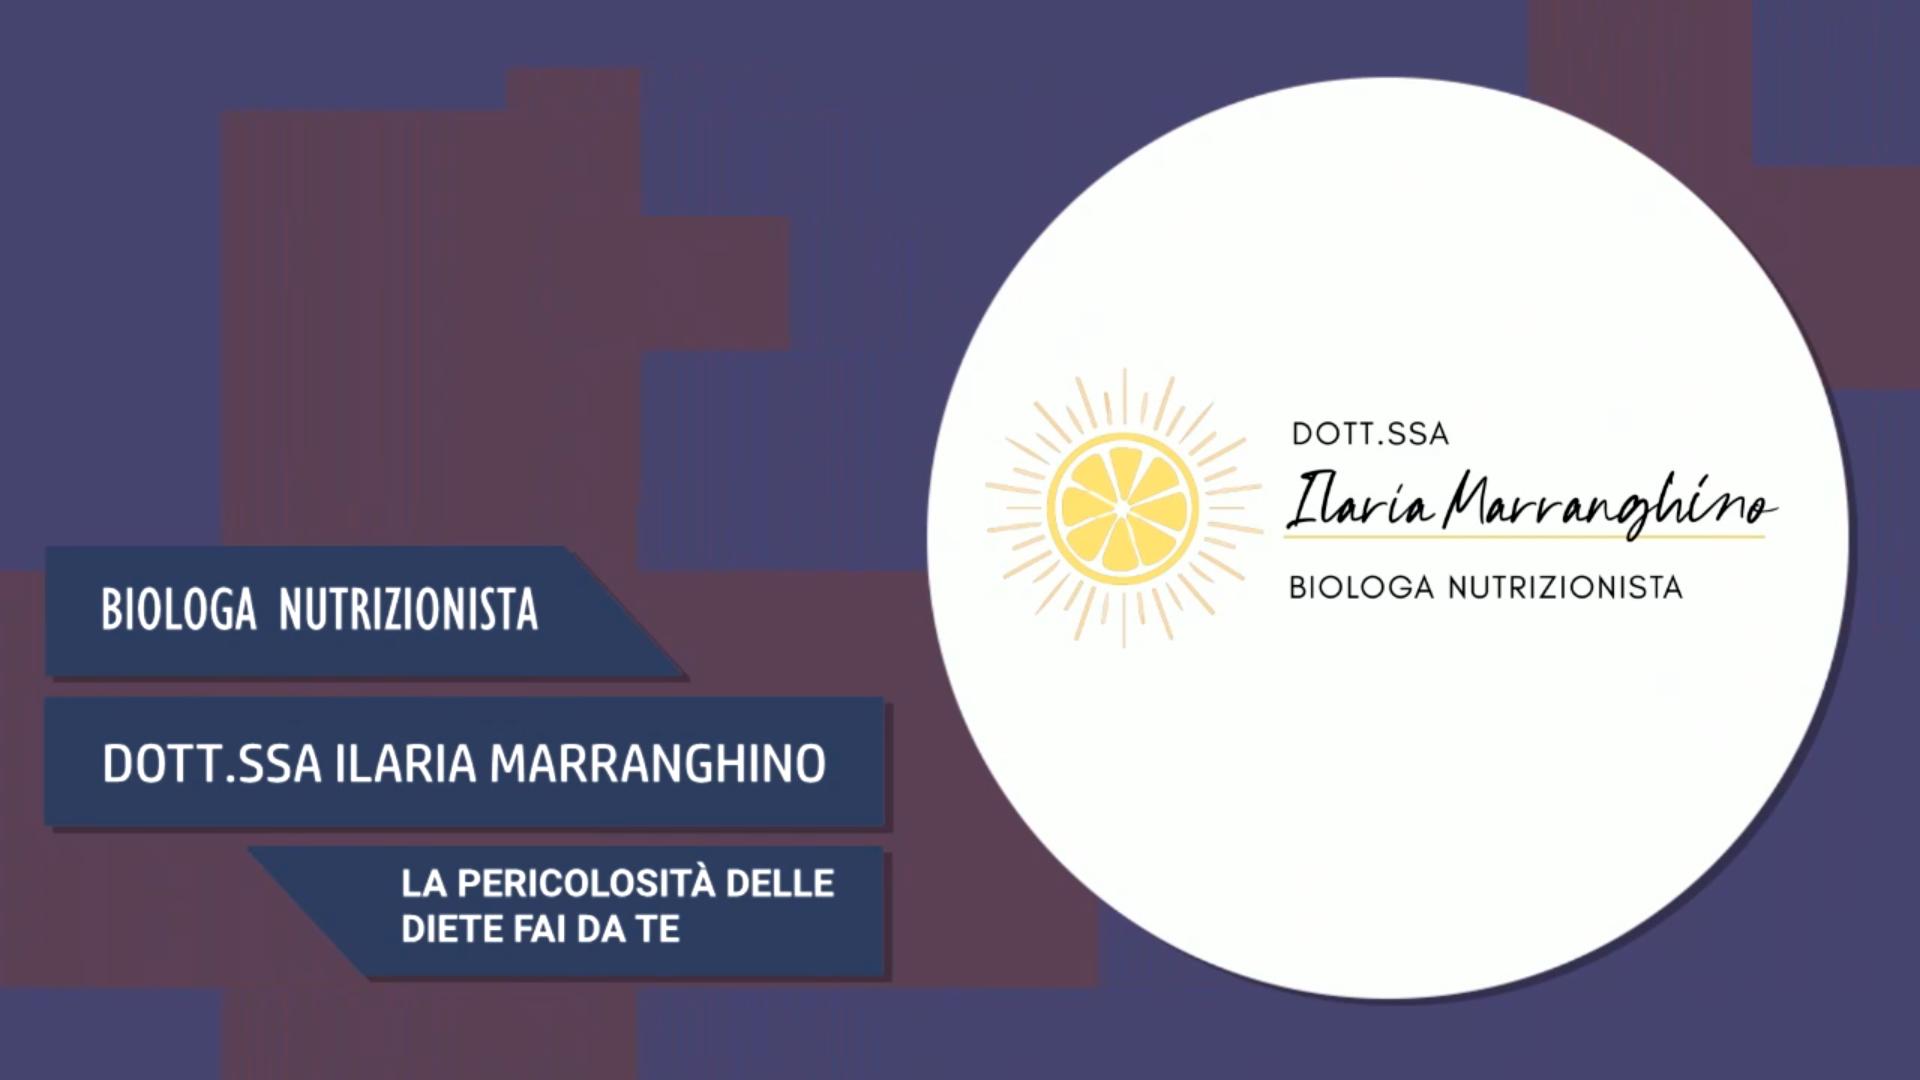 Intervista alla Dott.ssa Ilaria Marranghino – La pericolosità delle diete fai da te